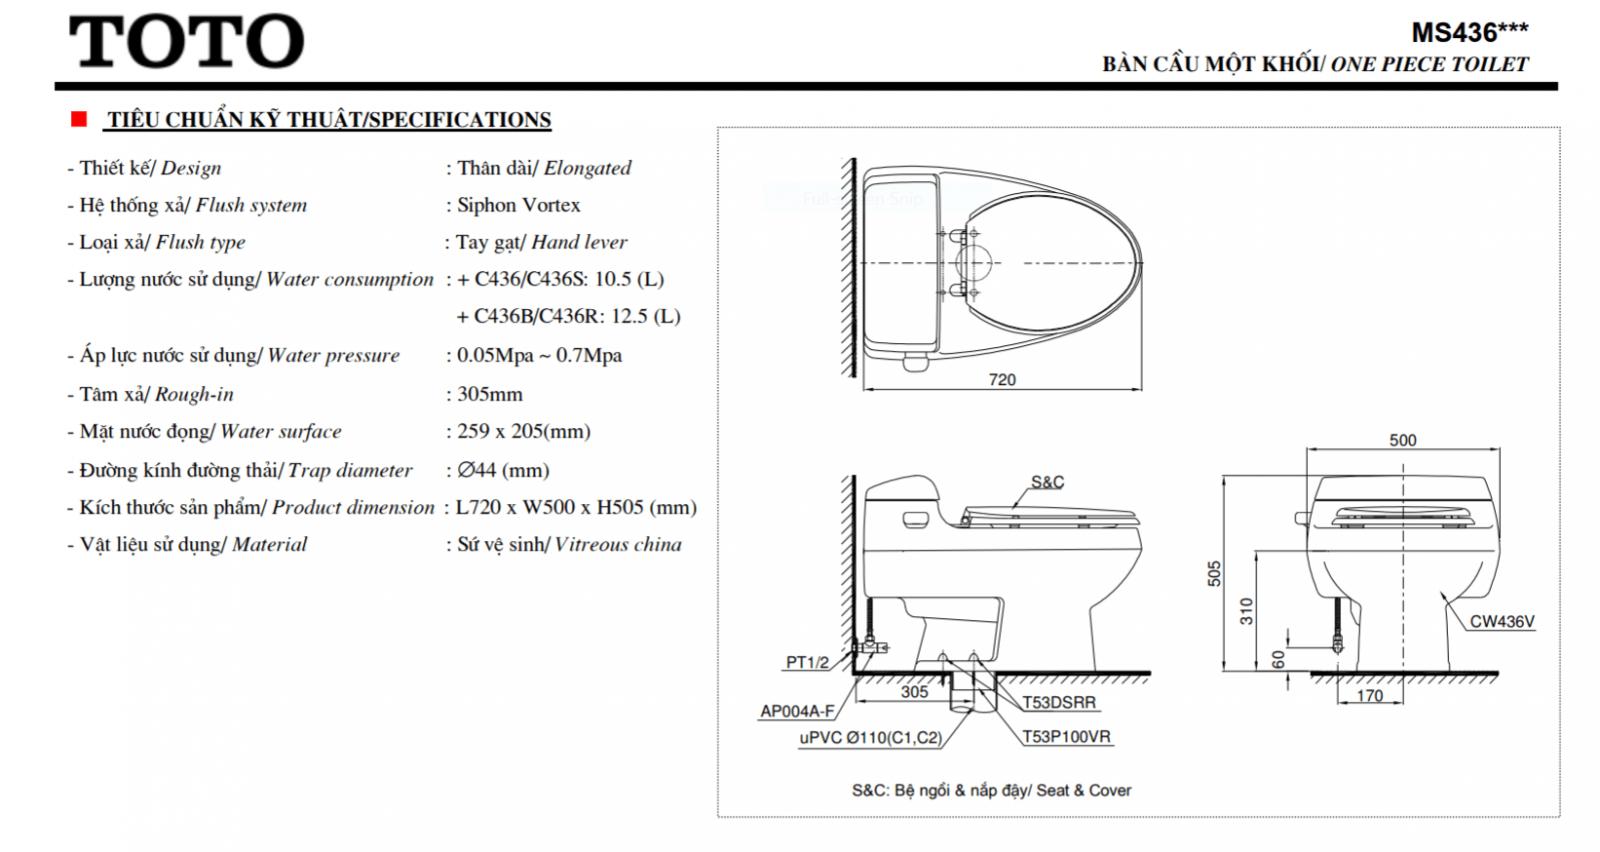 Thông số kĩ thuật bồn cầu 1 khối TOTO MS436